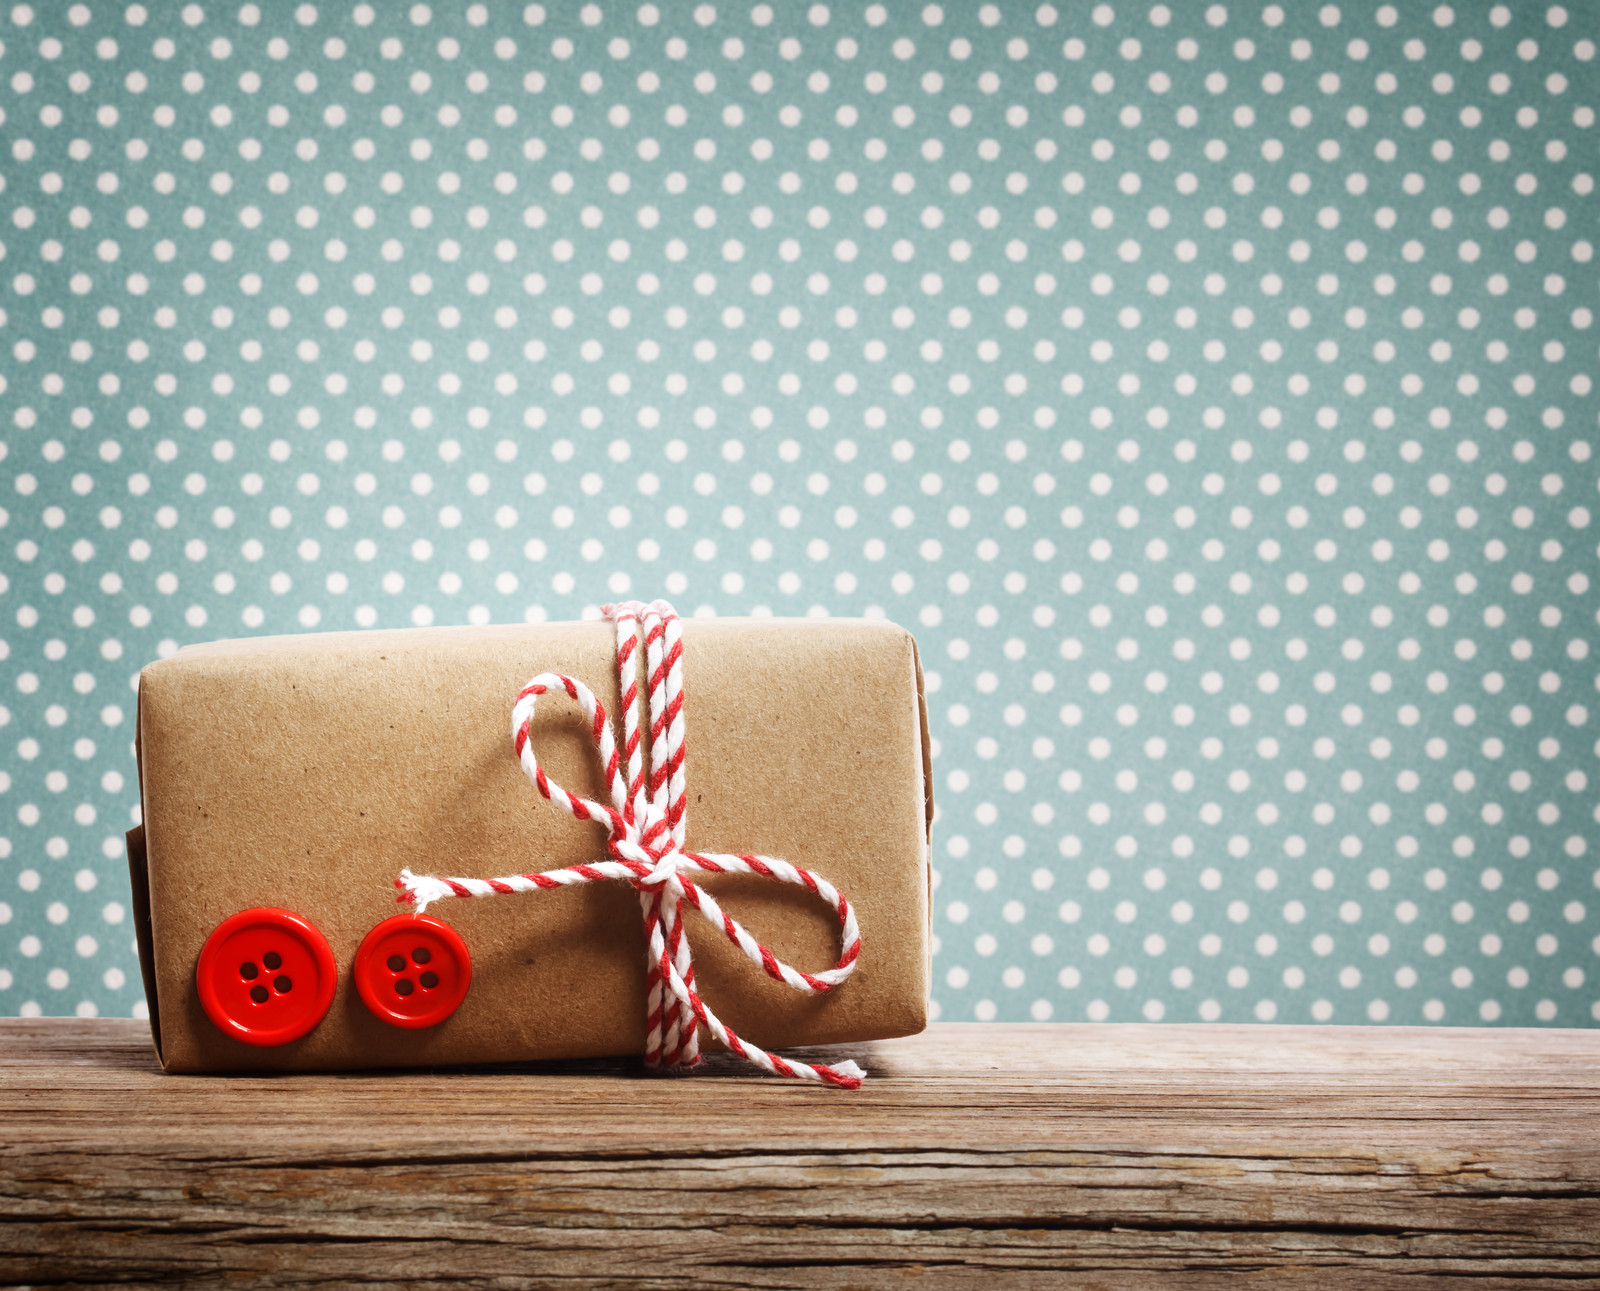 Envoltorios de regalo ecol gico blog de dia for Envoltorios para regalos